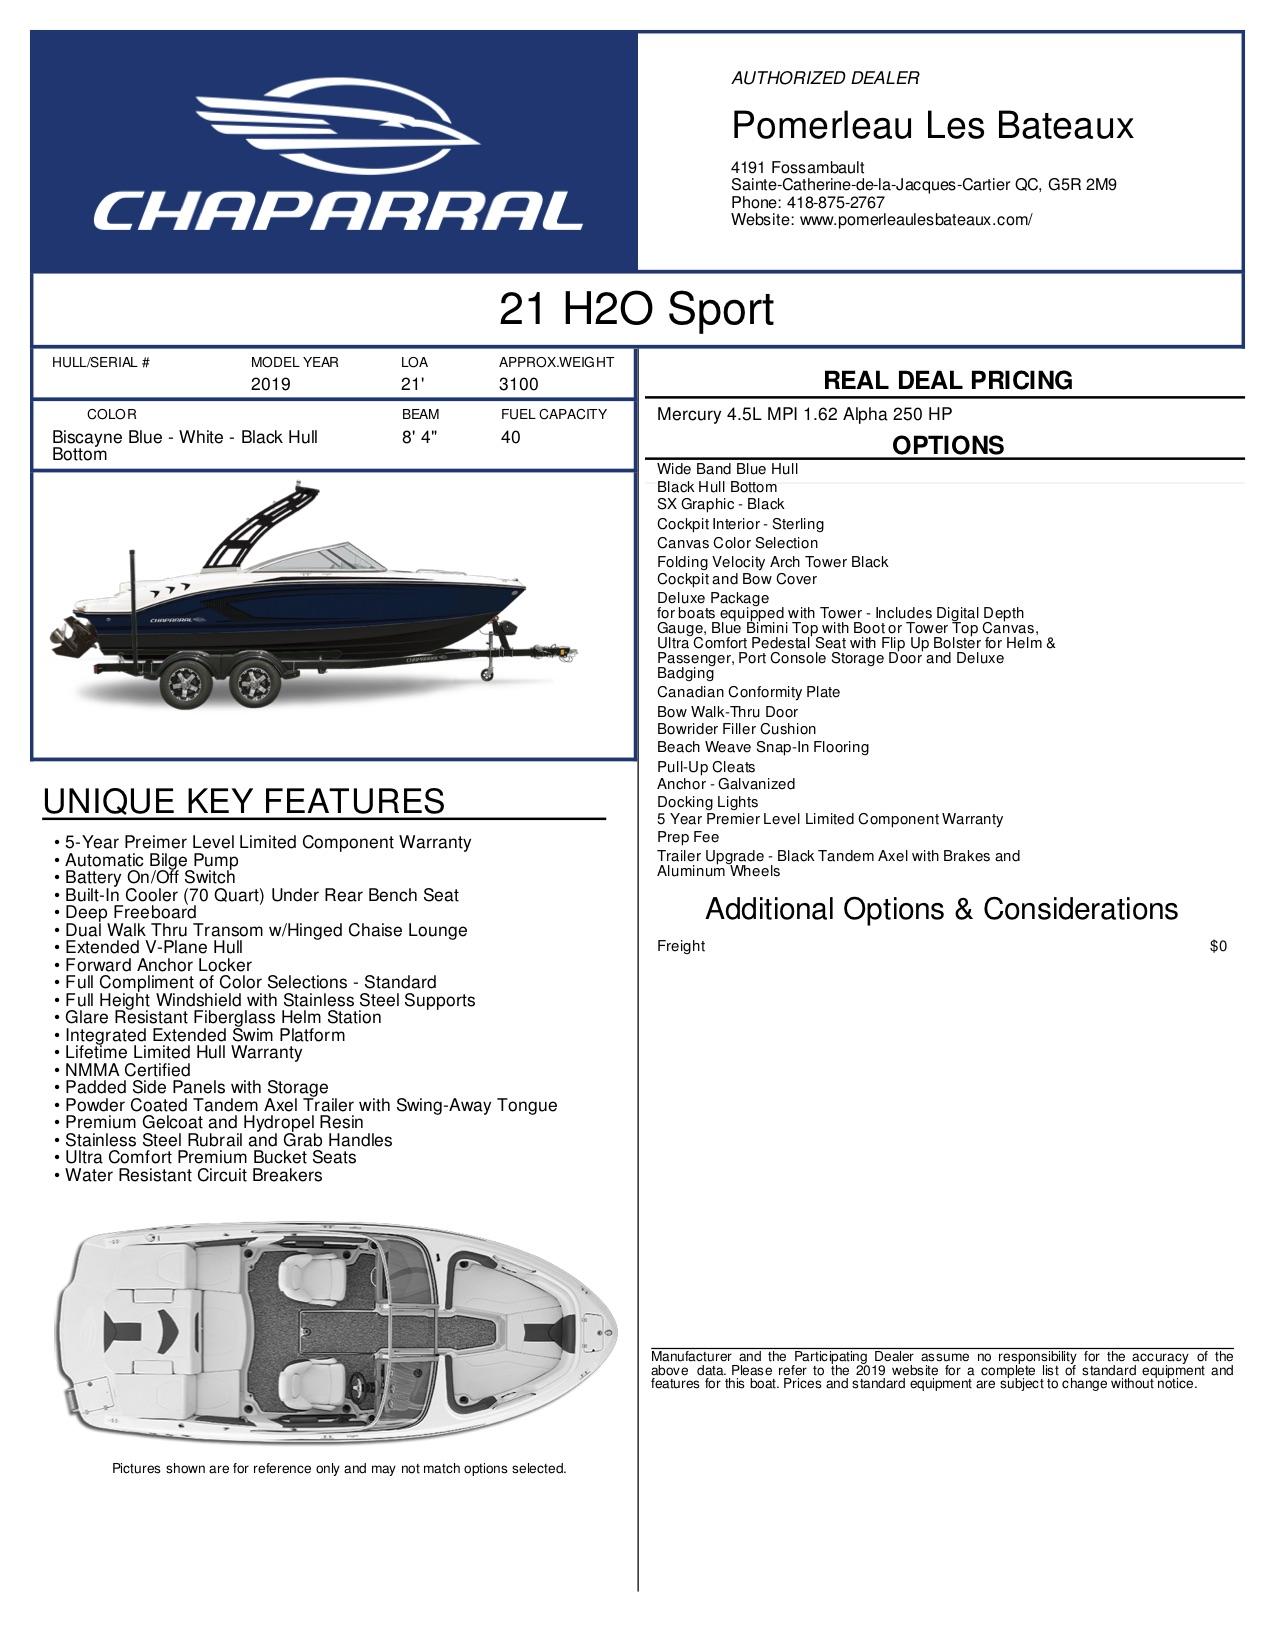 Chaparral H2O 21 - 21bleu